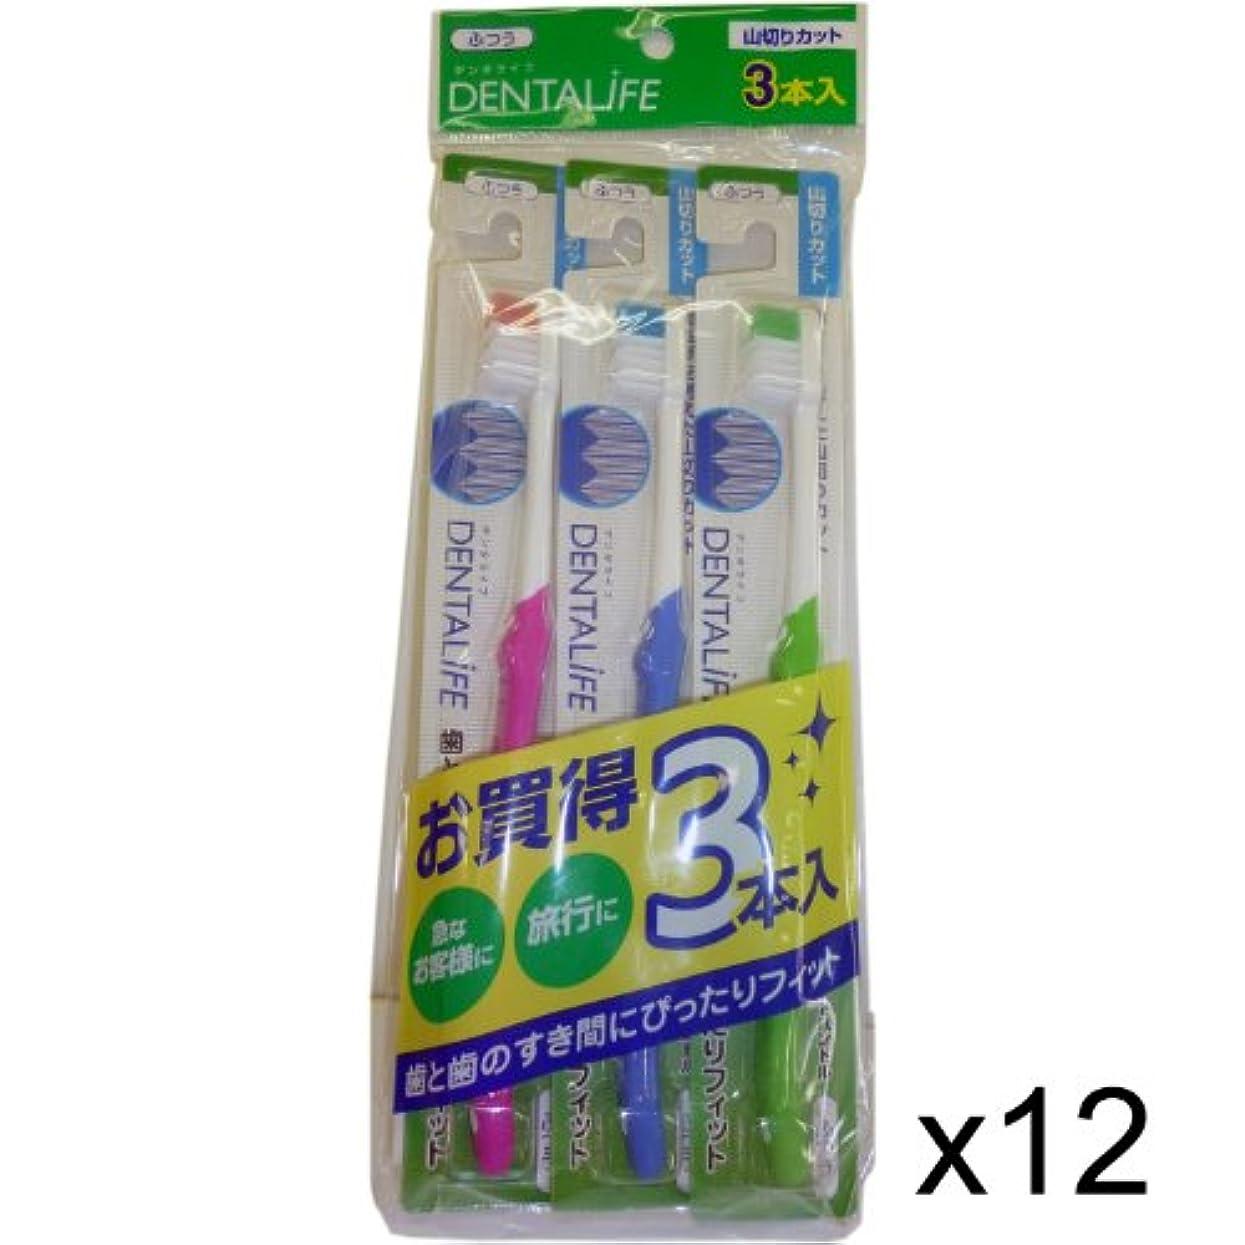 靴下忘れっぽい辞書お徳用 DELTALIFE(デンタライフ)山切り歯ブラシ ふつう 3P×12ヶセット(36本)